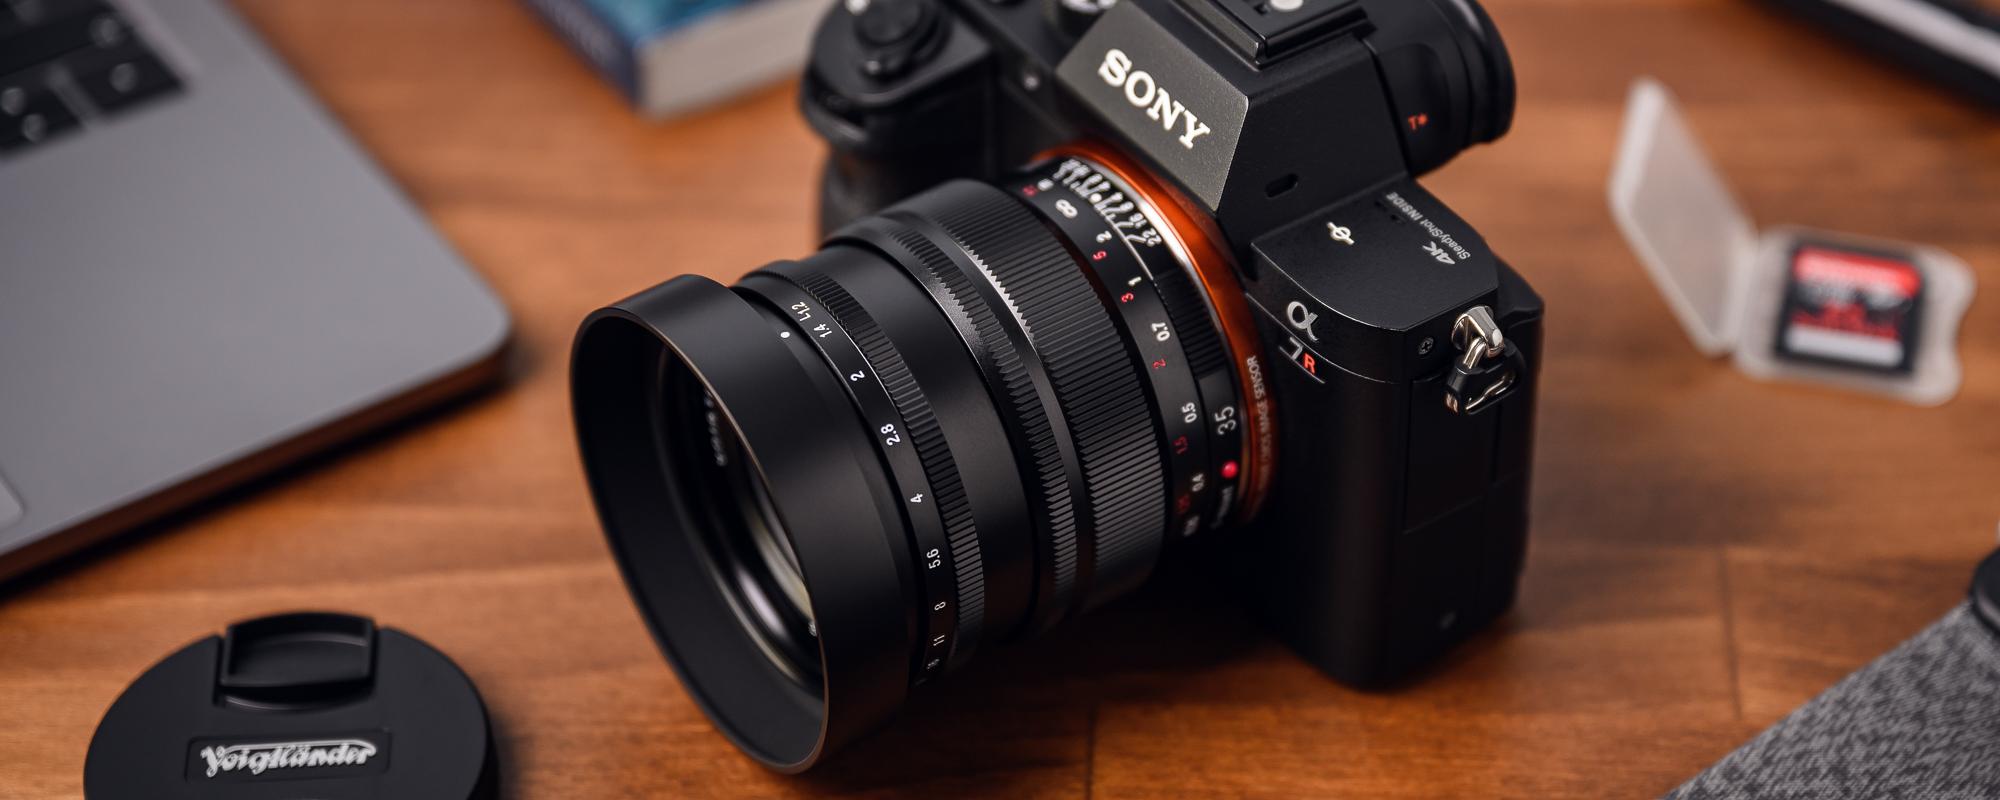 Obiektyw Voigtlander Nokton SE 35 mm f/1,2 do Sony E na drewnianym biurku podpięty do aparatu Sony